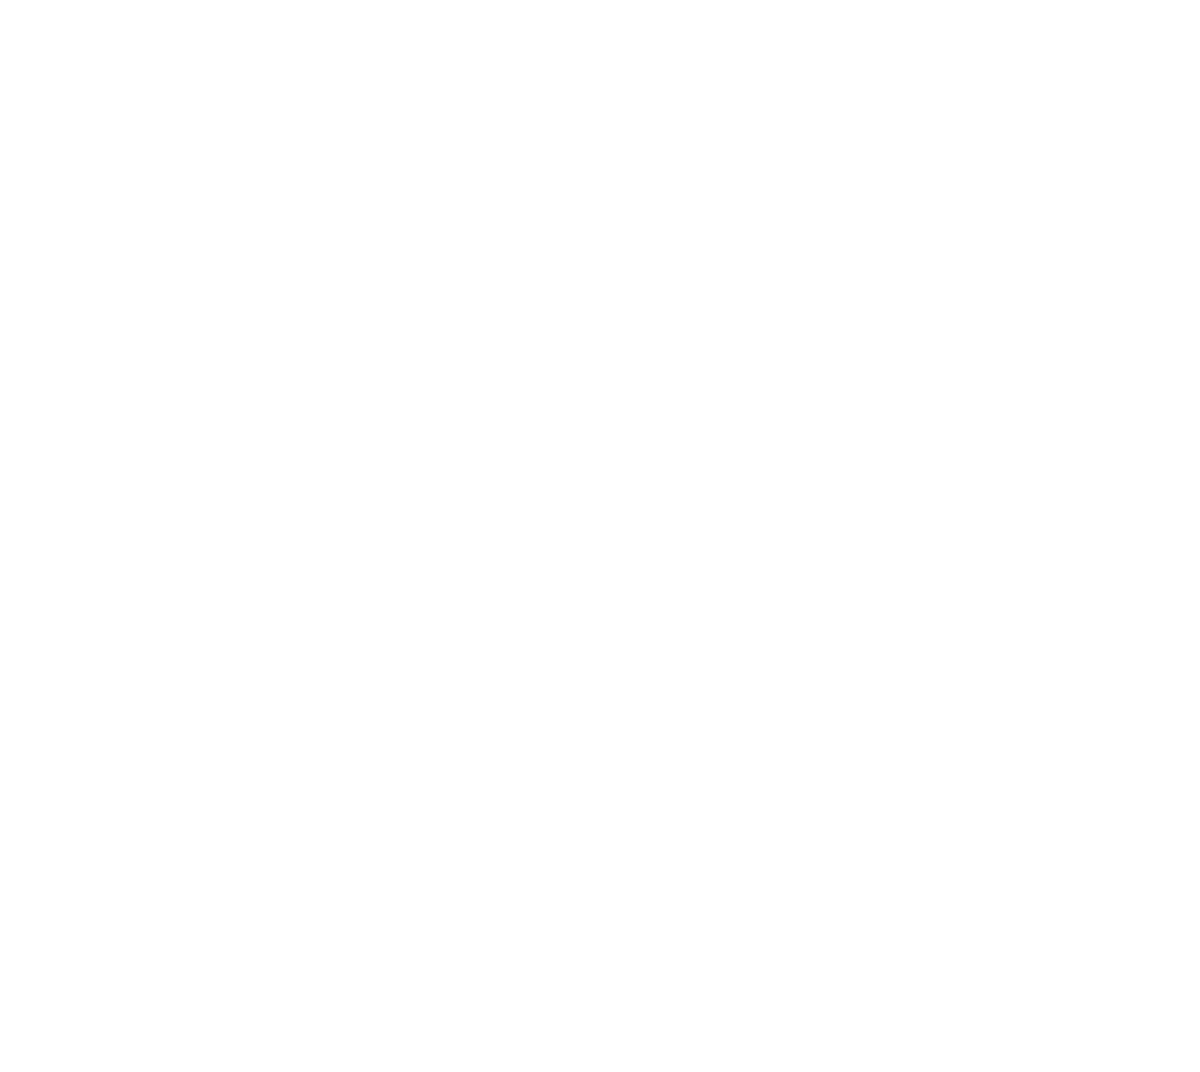 White_EHR Software-1